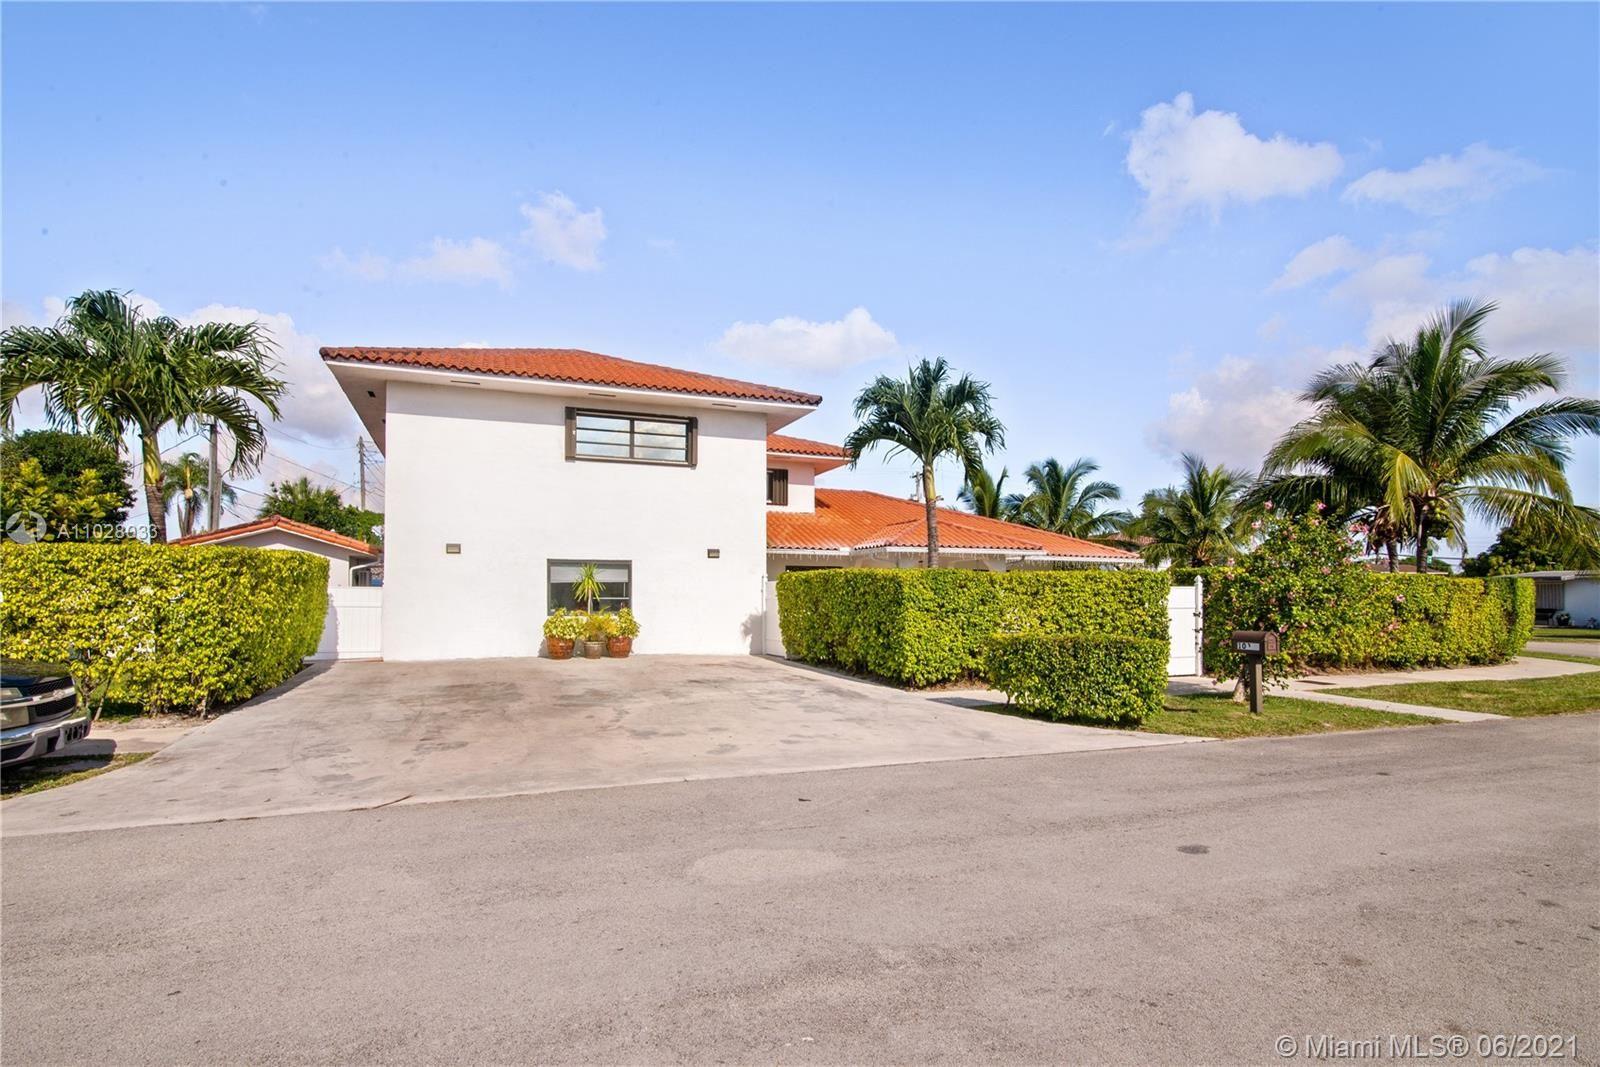 10000 SW 45th St, Miami, FL 33165 - #: A11028033